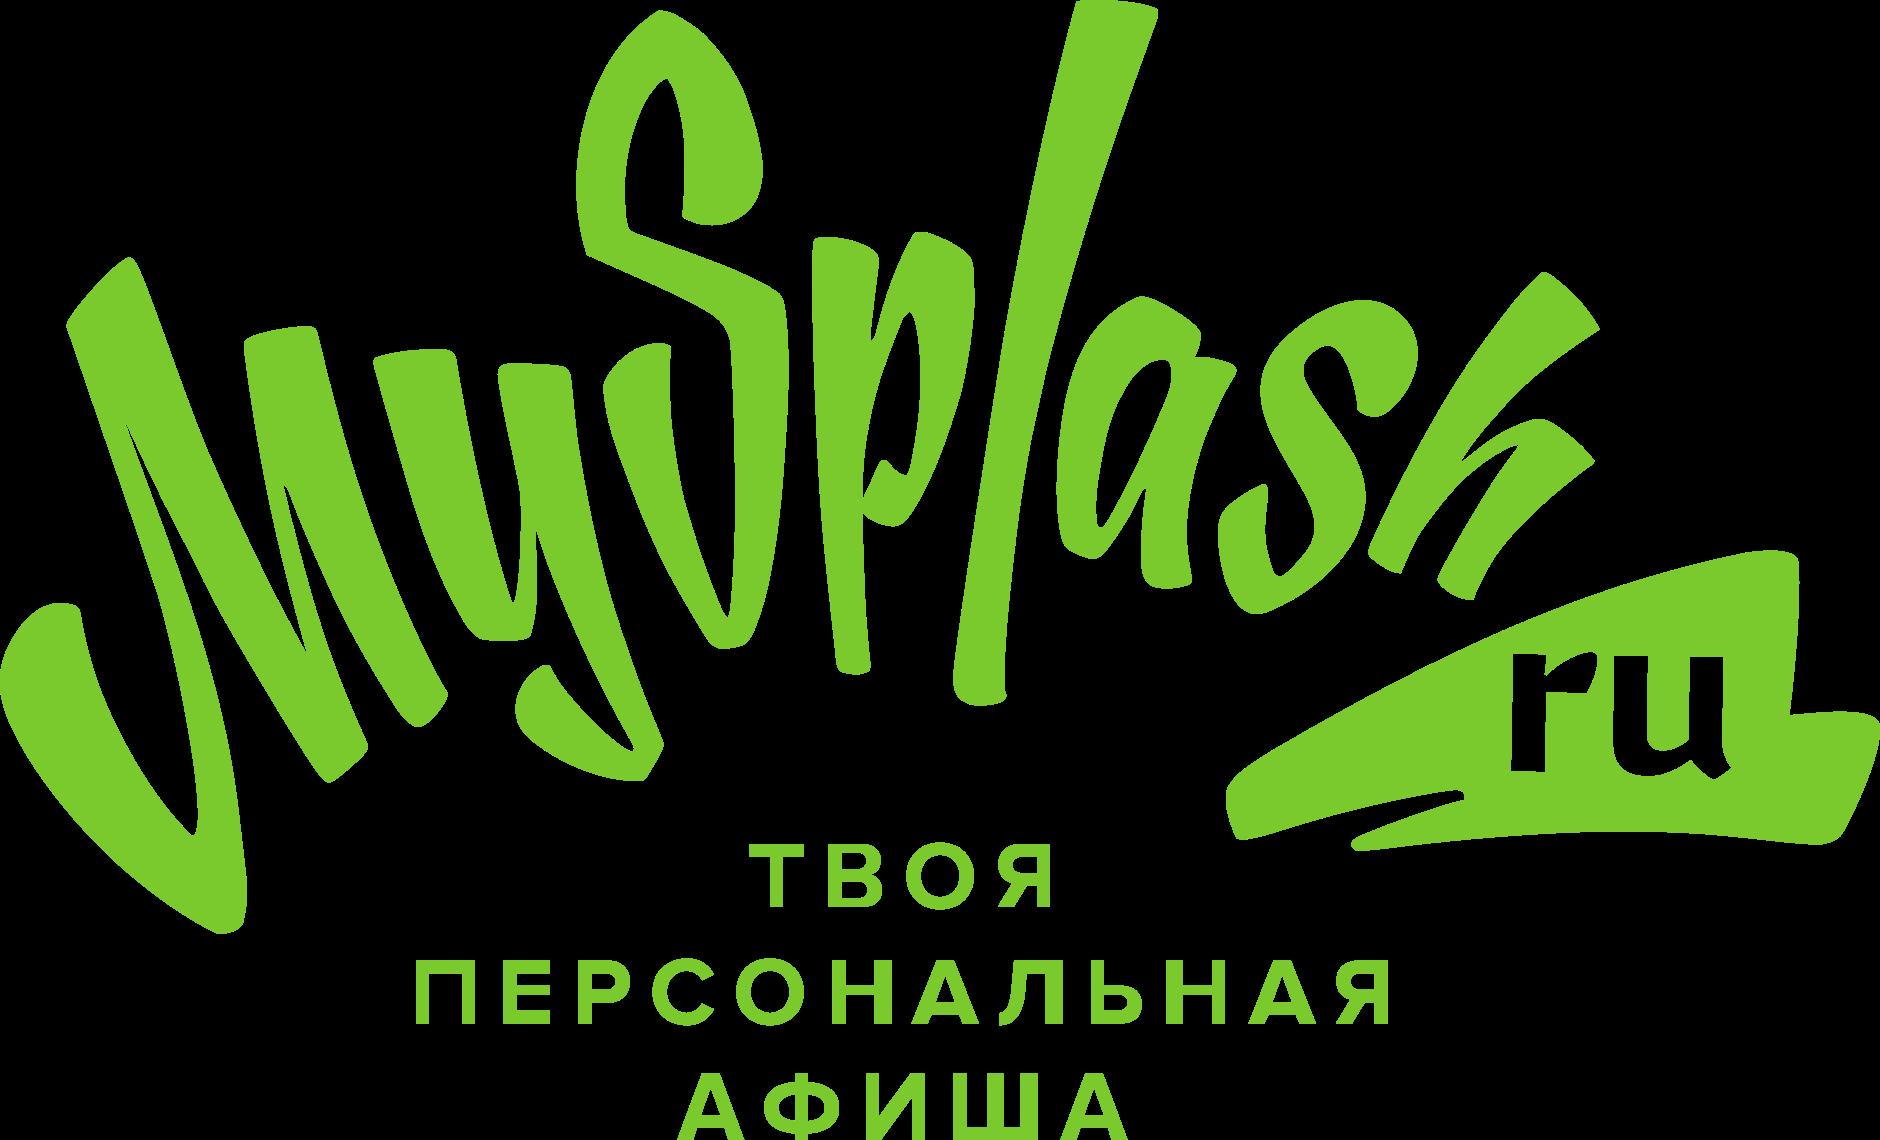 Mysplash